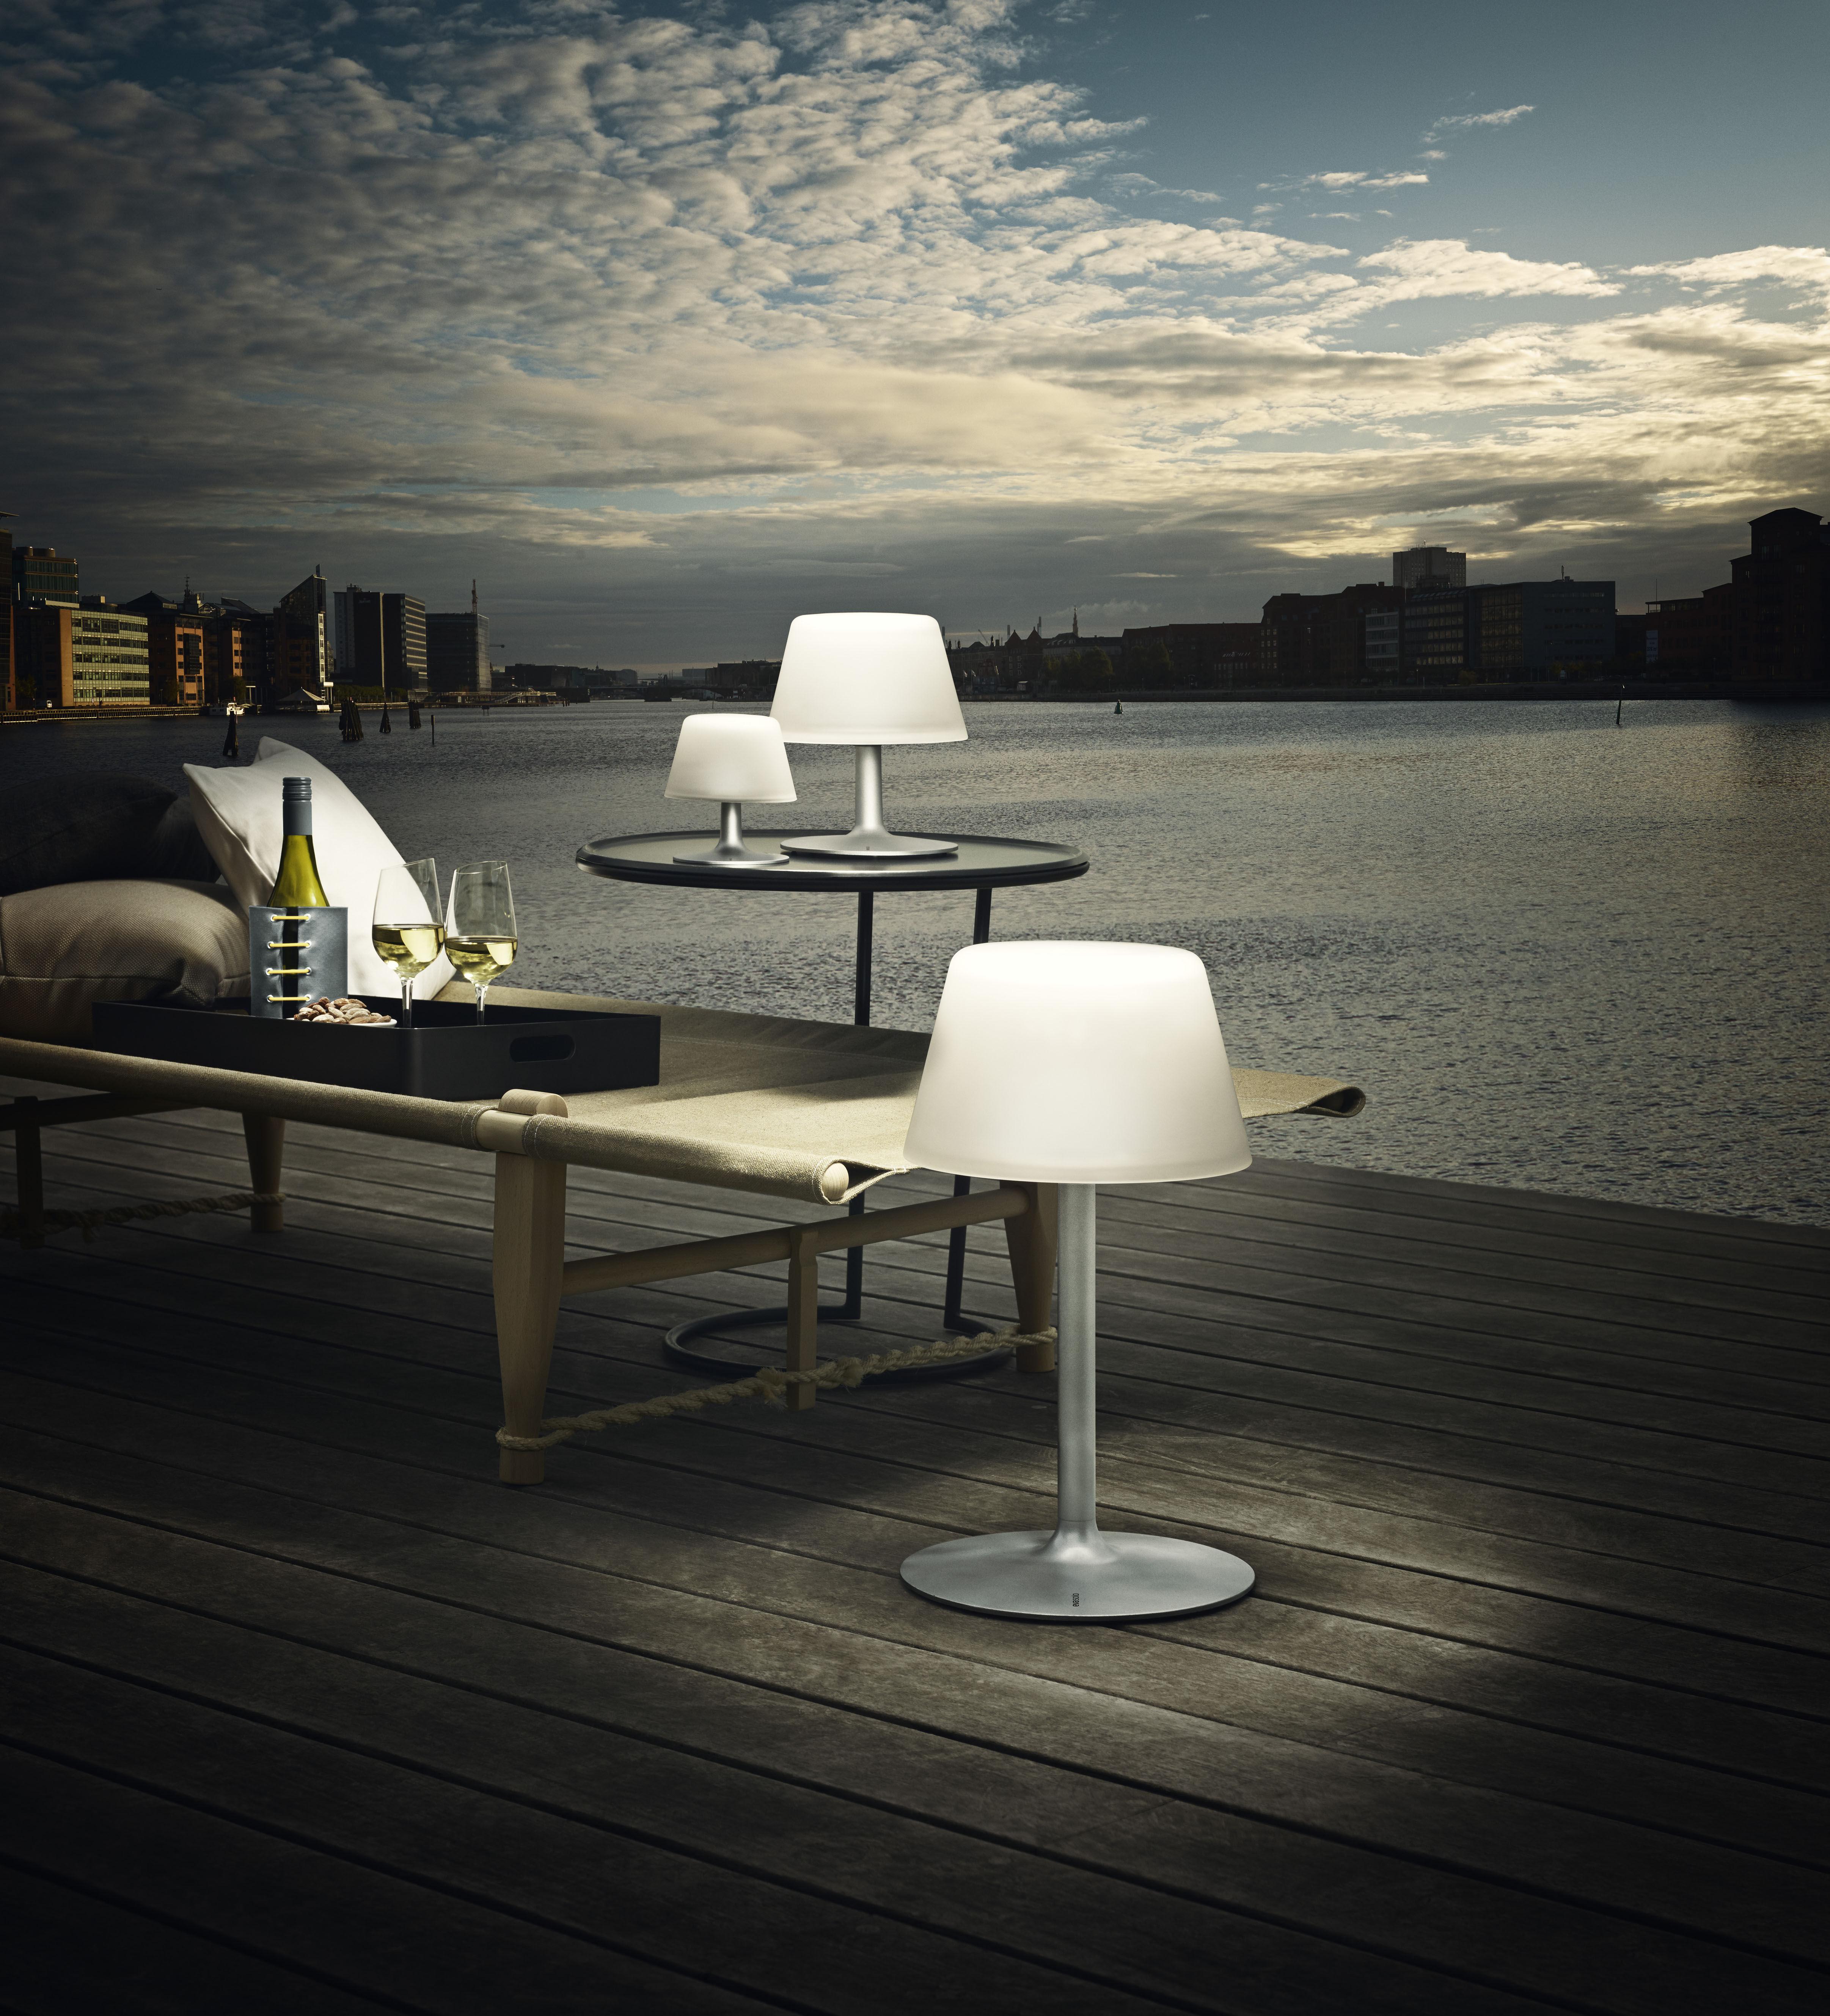 Scopri lampada da tavolo sunlight energia solare senza fili bianco piede alluminio di - Lampada da tavolo senza fili ...